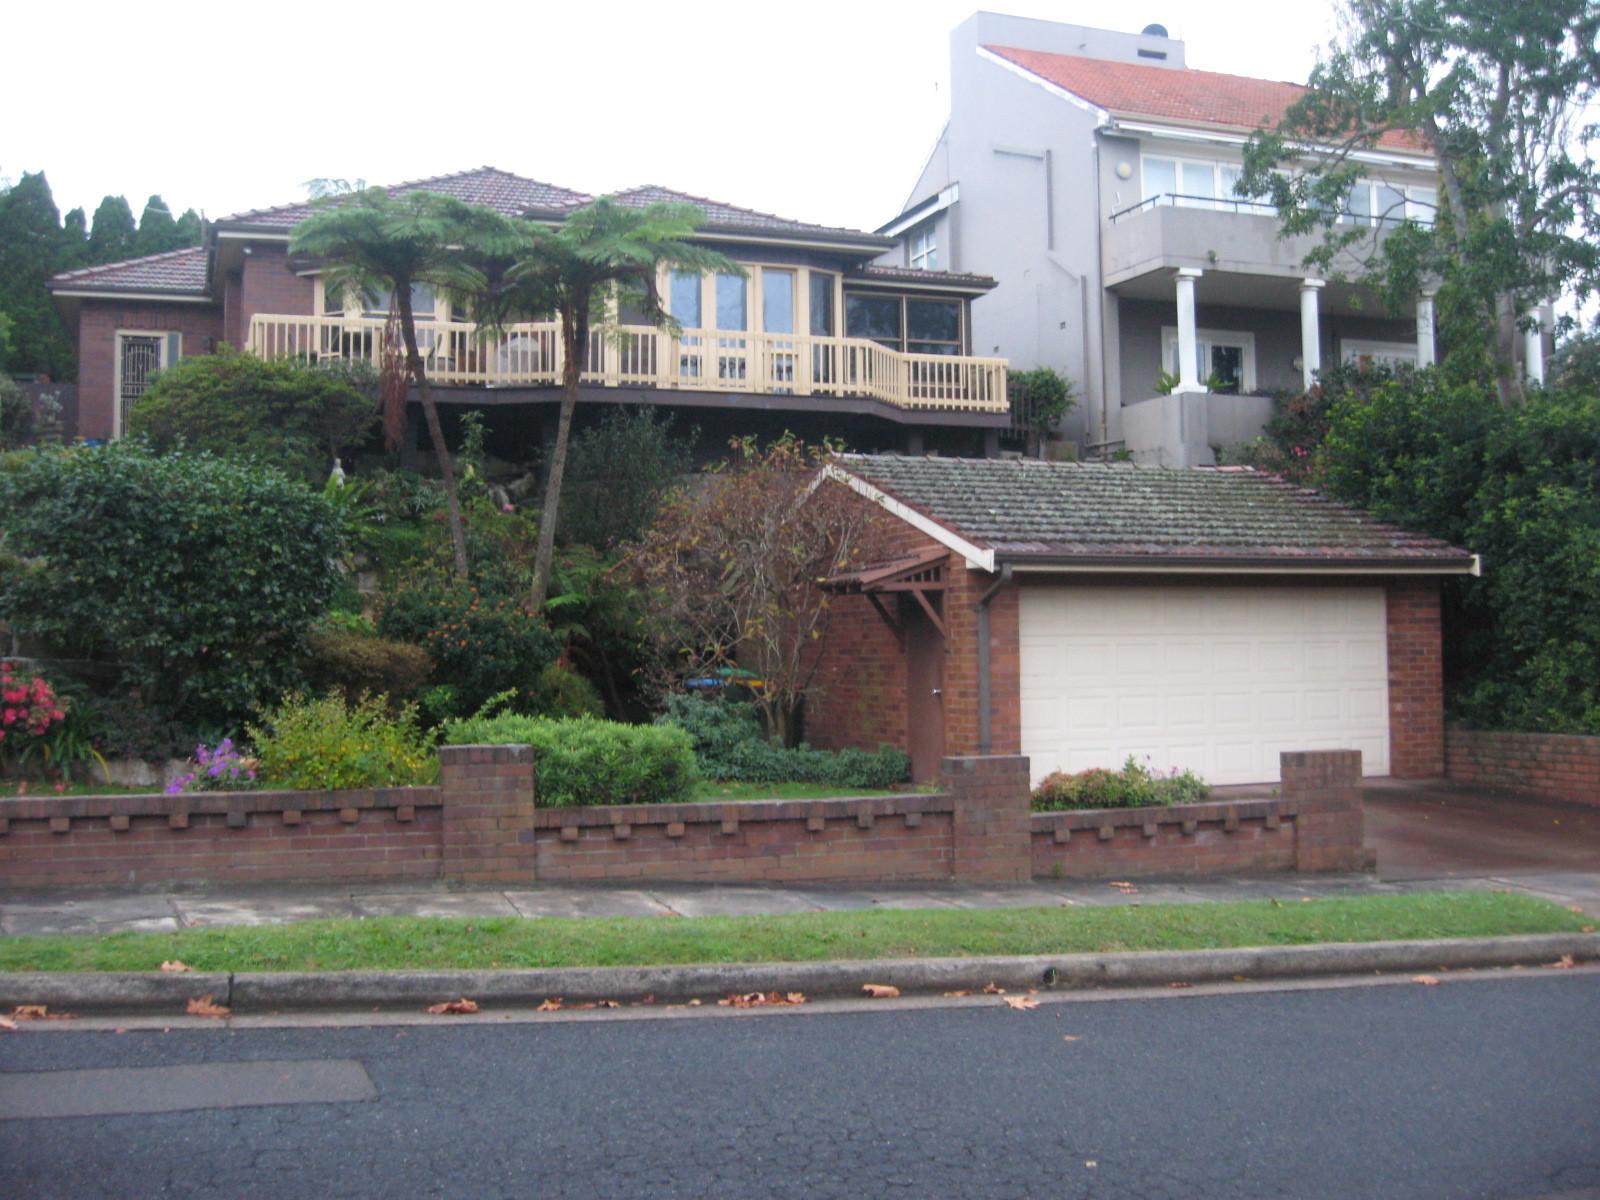 澳洲的设计,建筑和风景